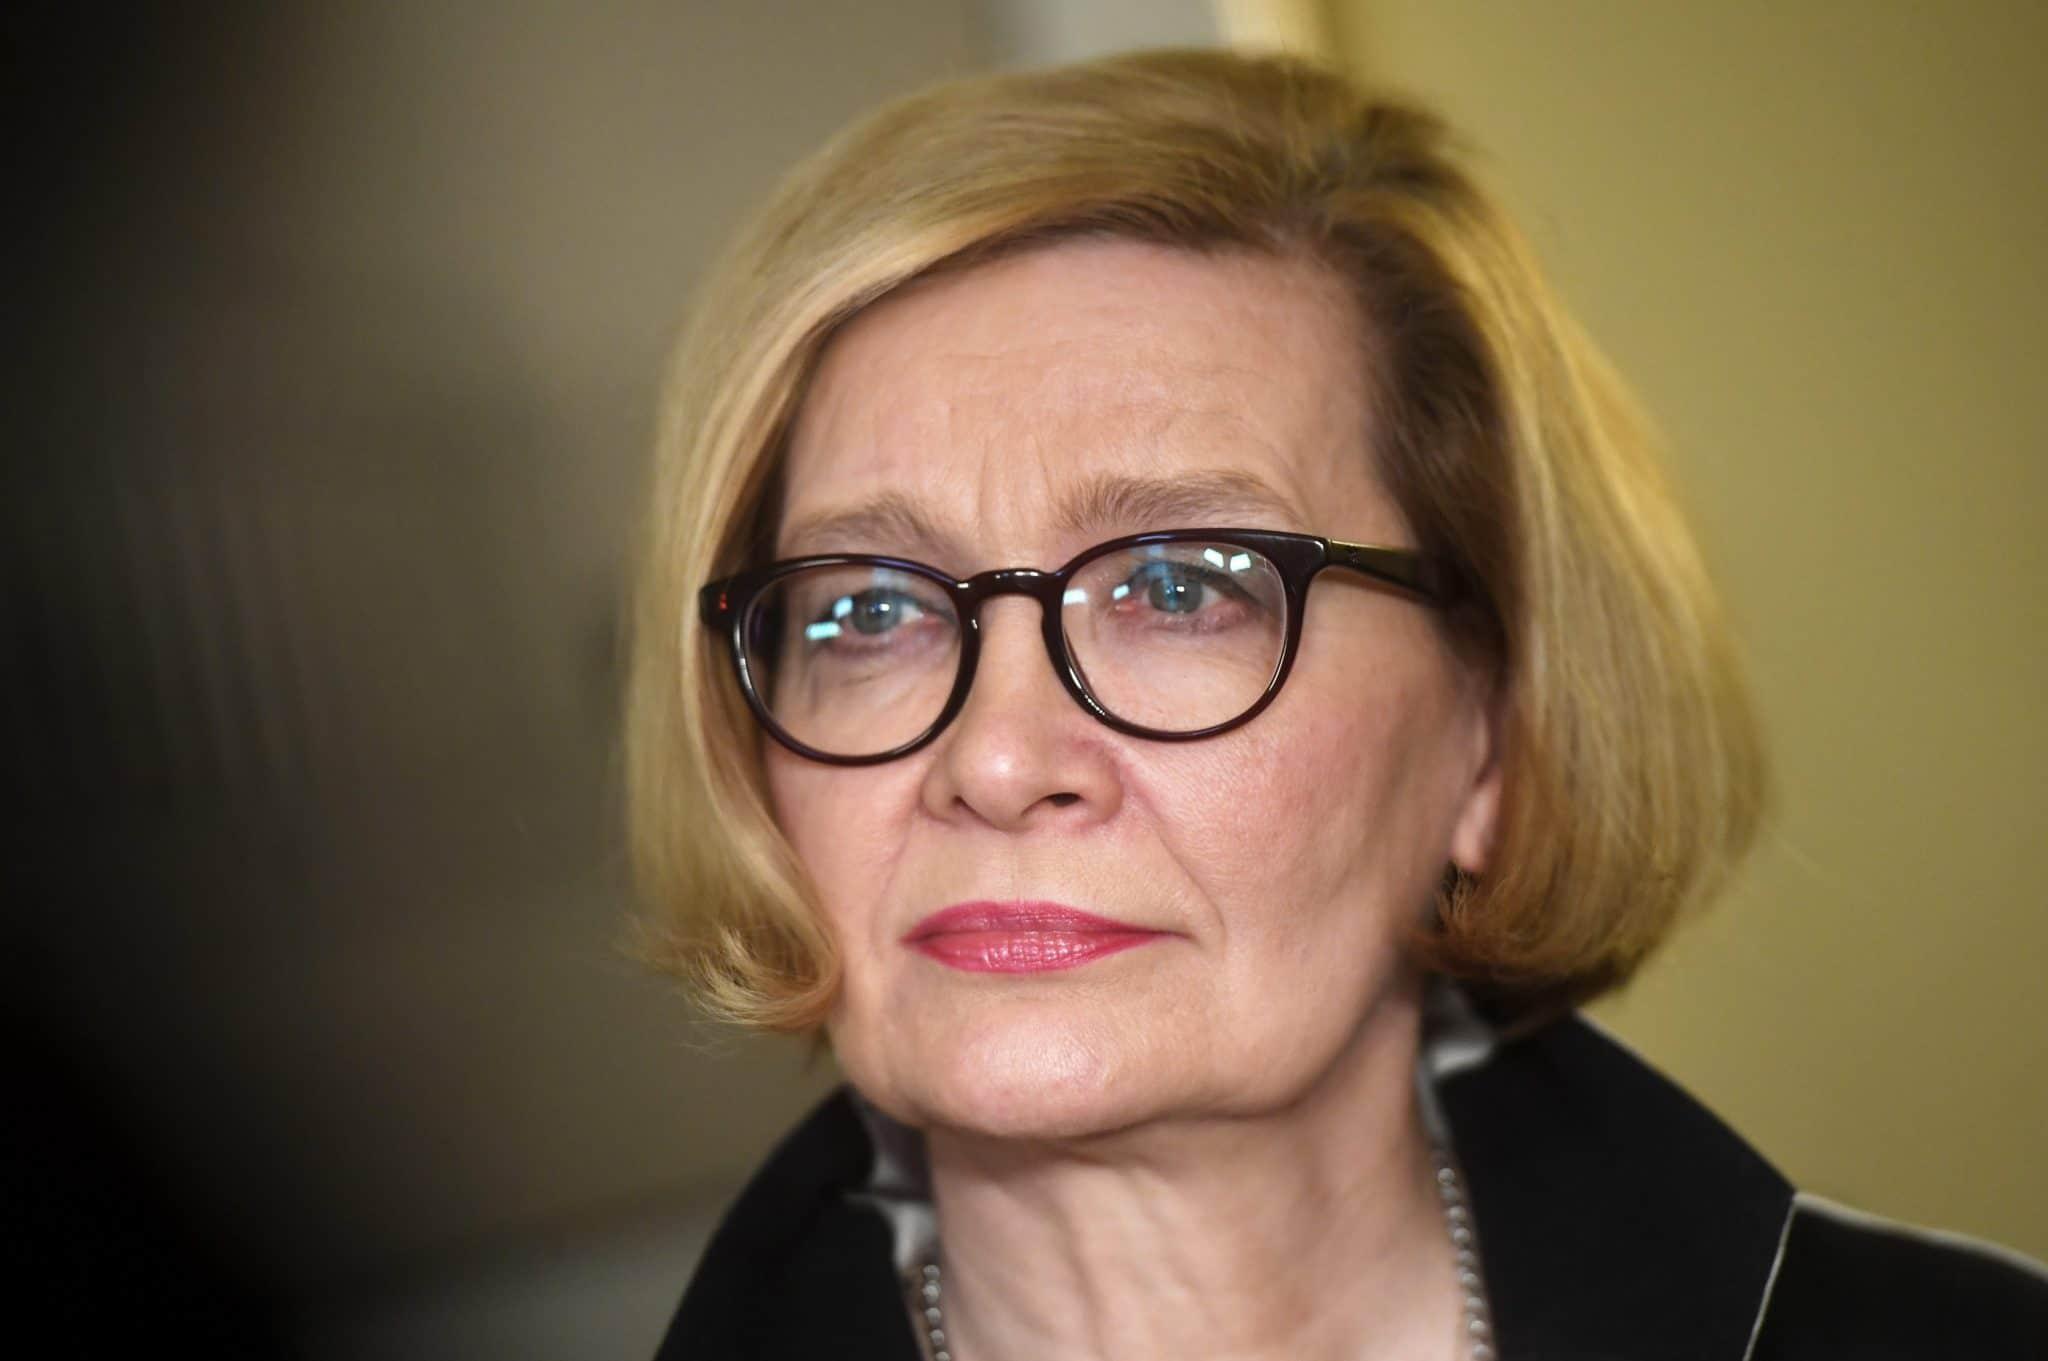 Paula Risikko Kännissä